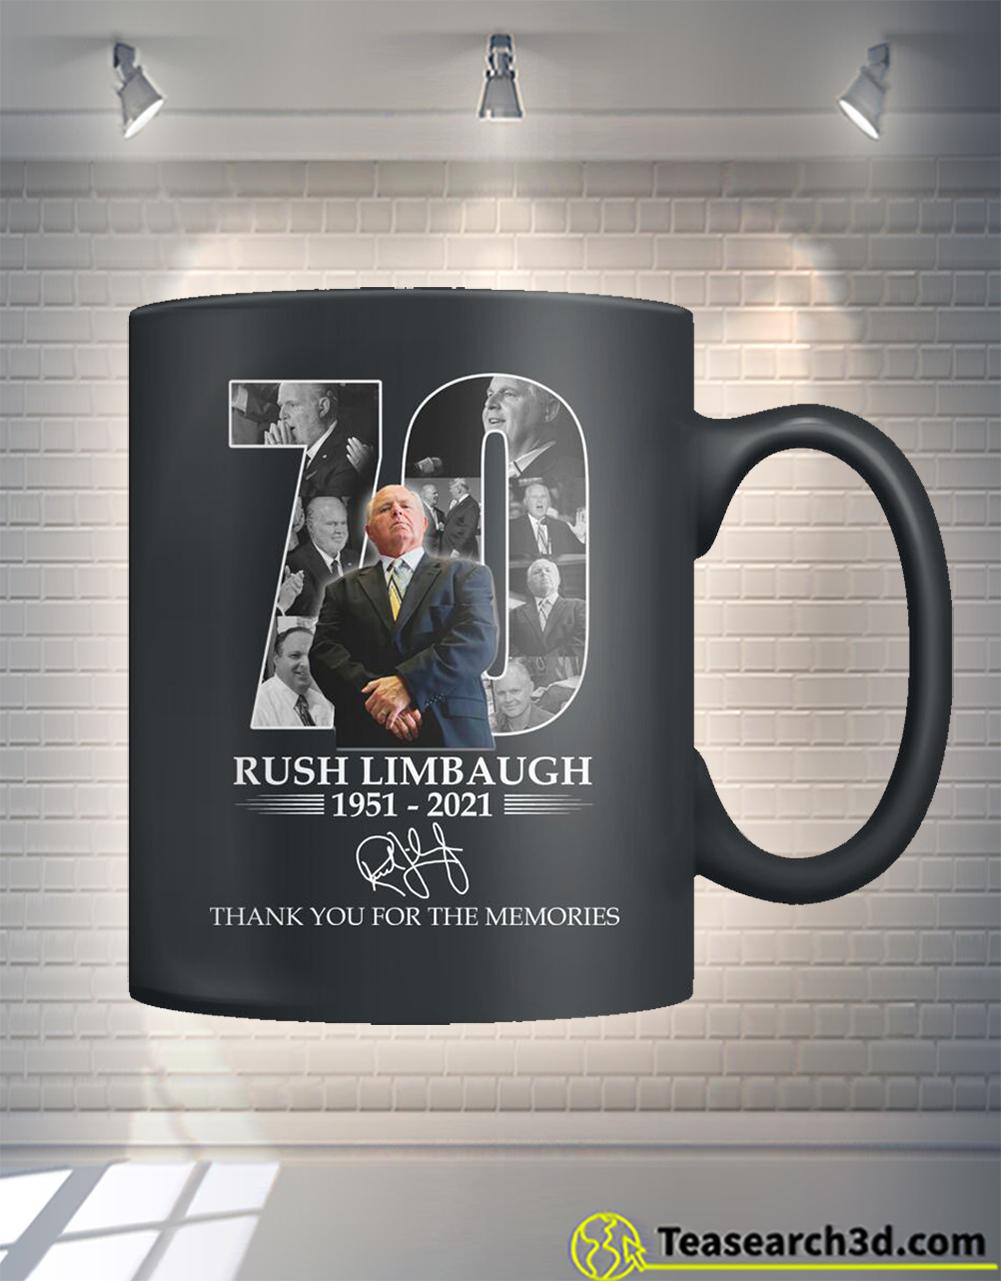 Rush Limbaugh thank you for the memories mug